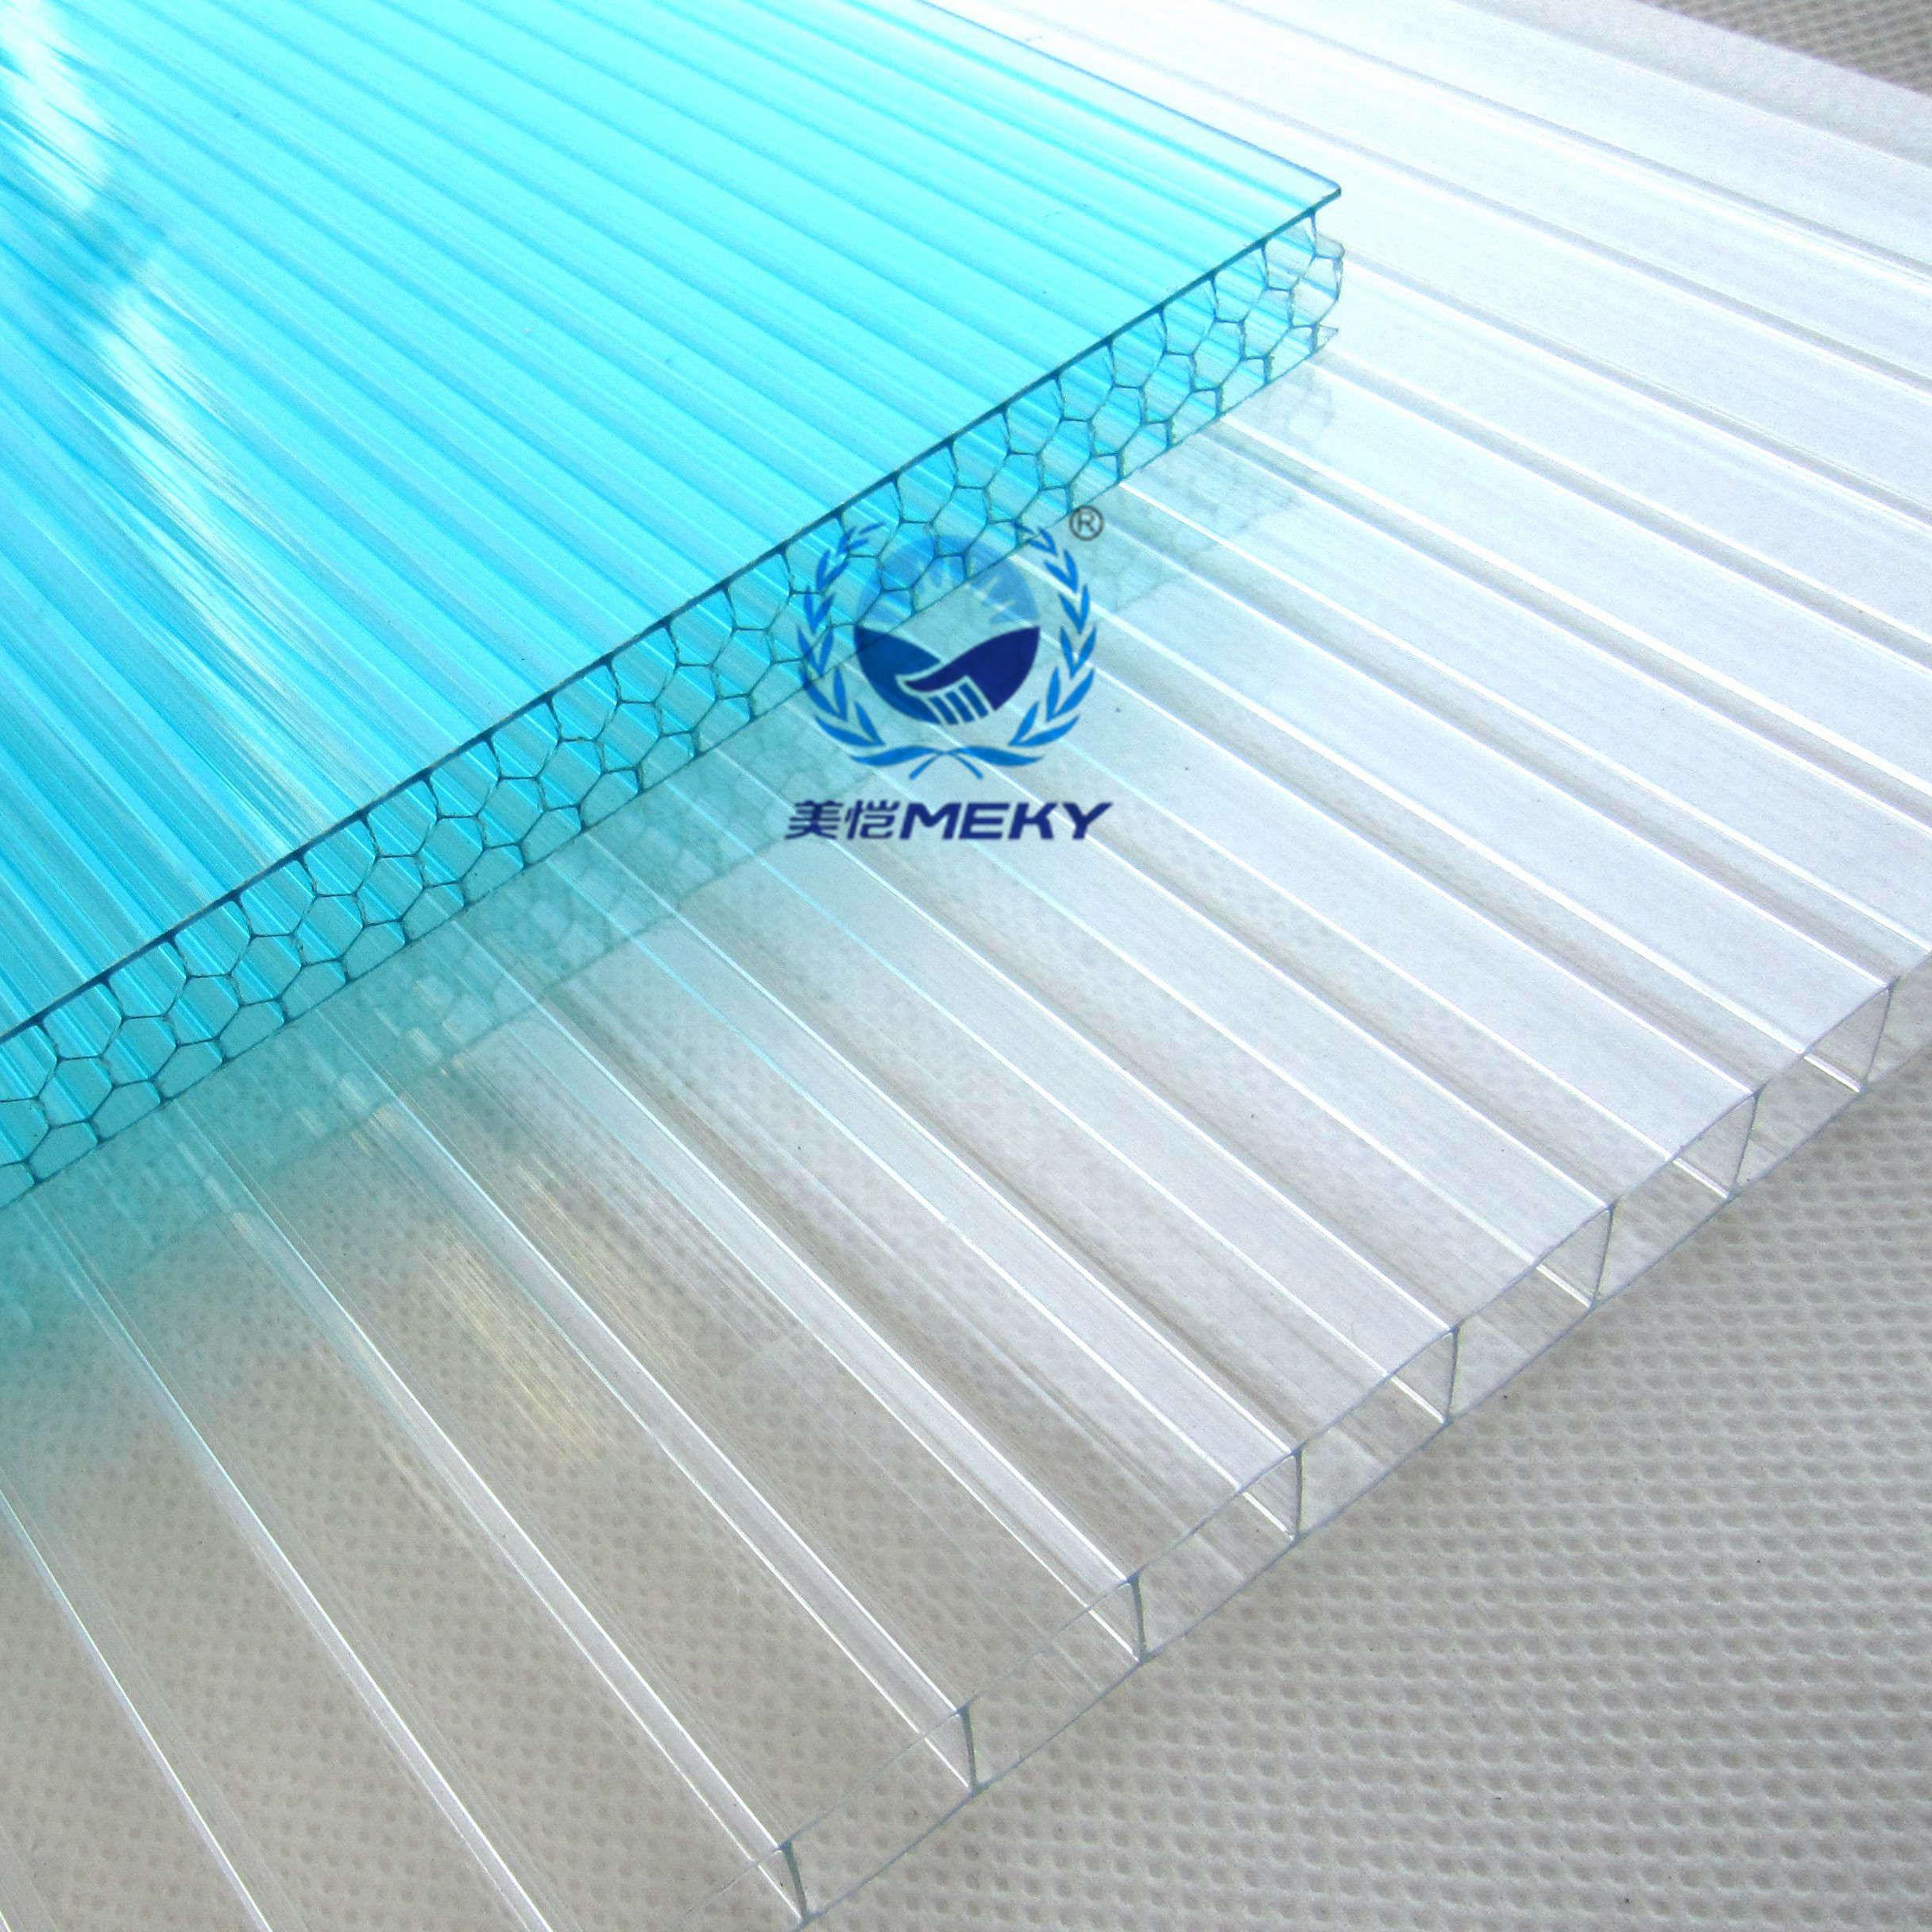 美恺塑胶PC阳光板防水盖帽螺丝的安装方法(en)